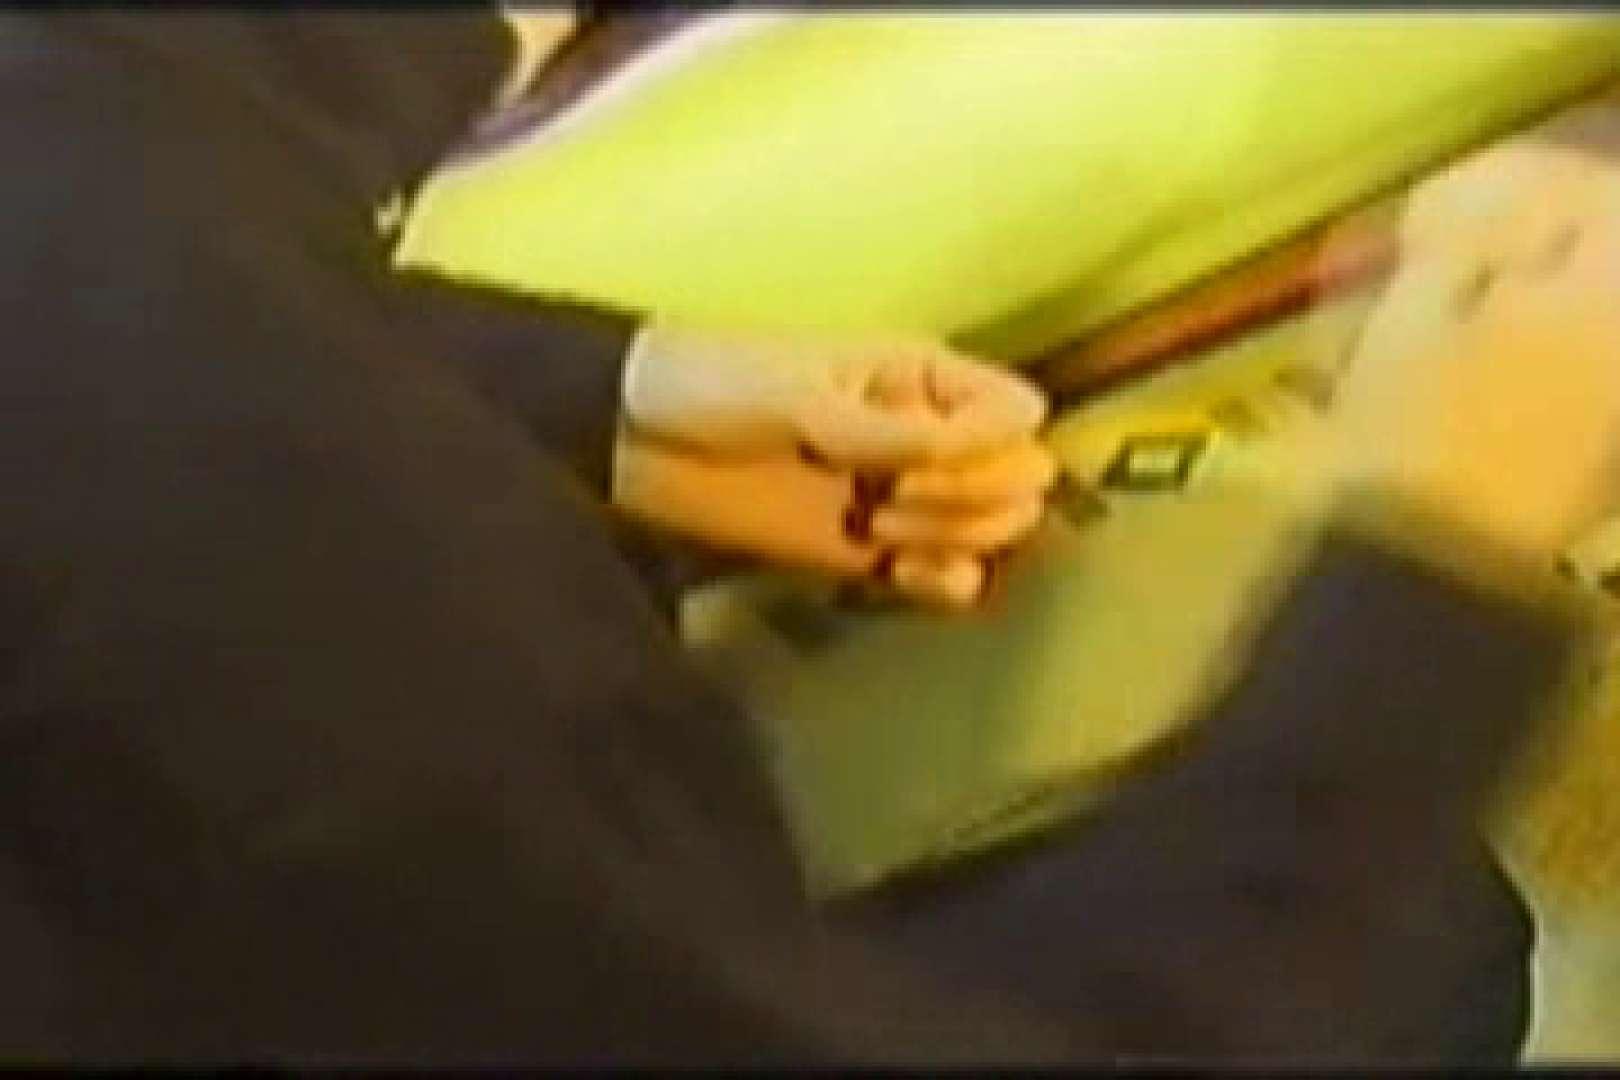 【流出】若者たちの集い 企画 ゲイ射精シーン 86画像 2